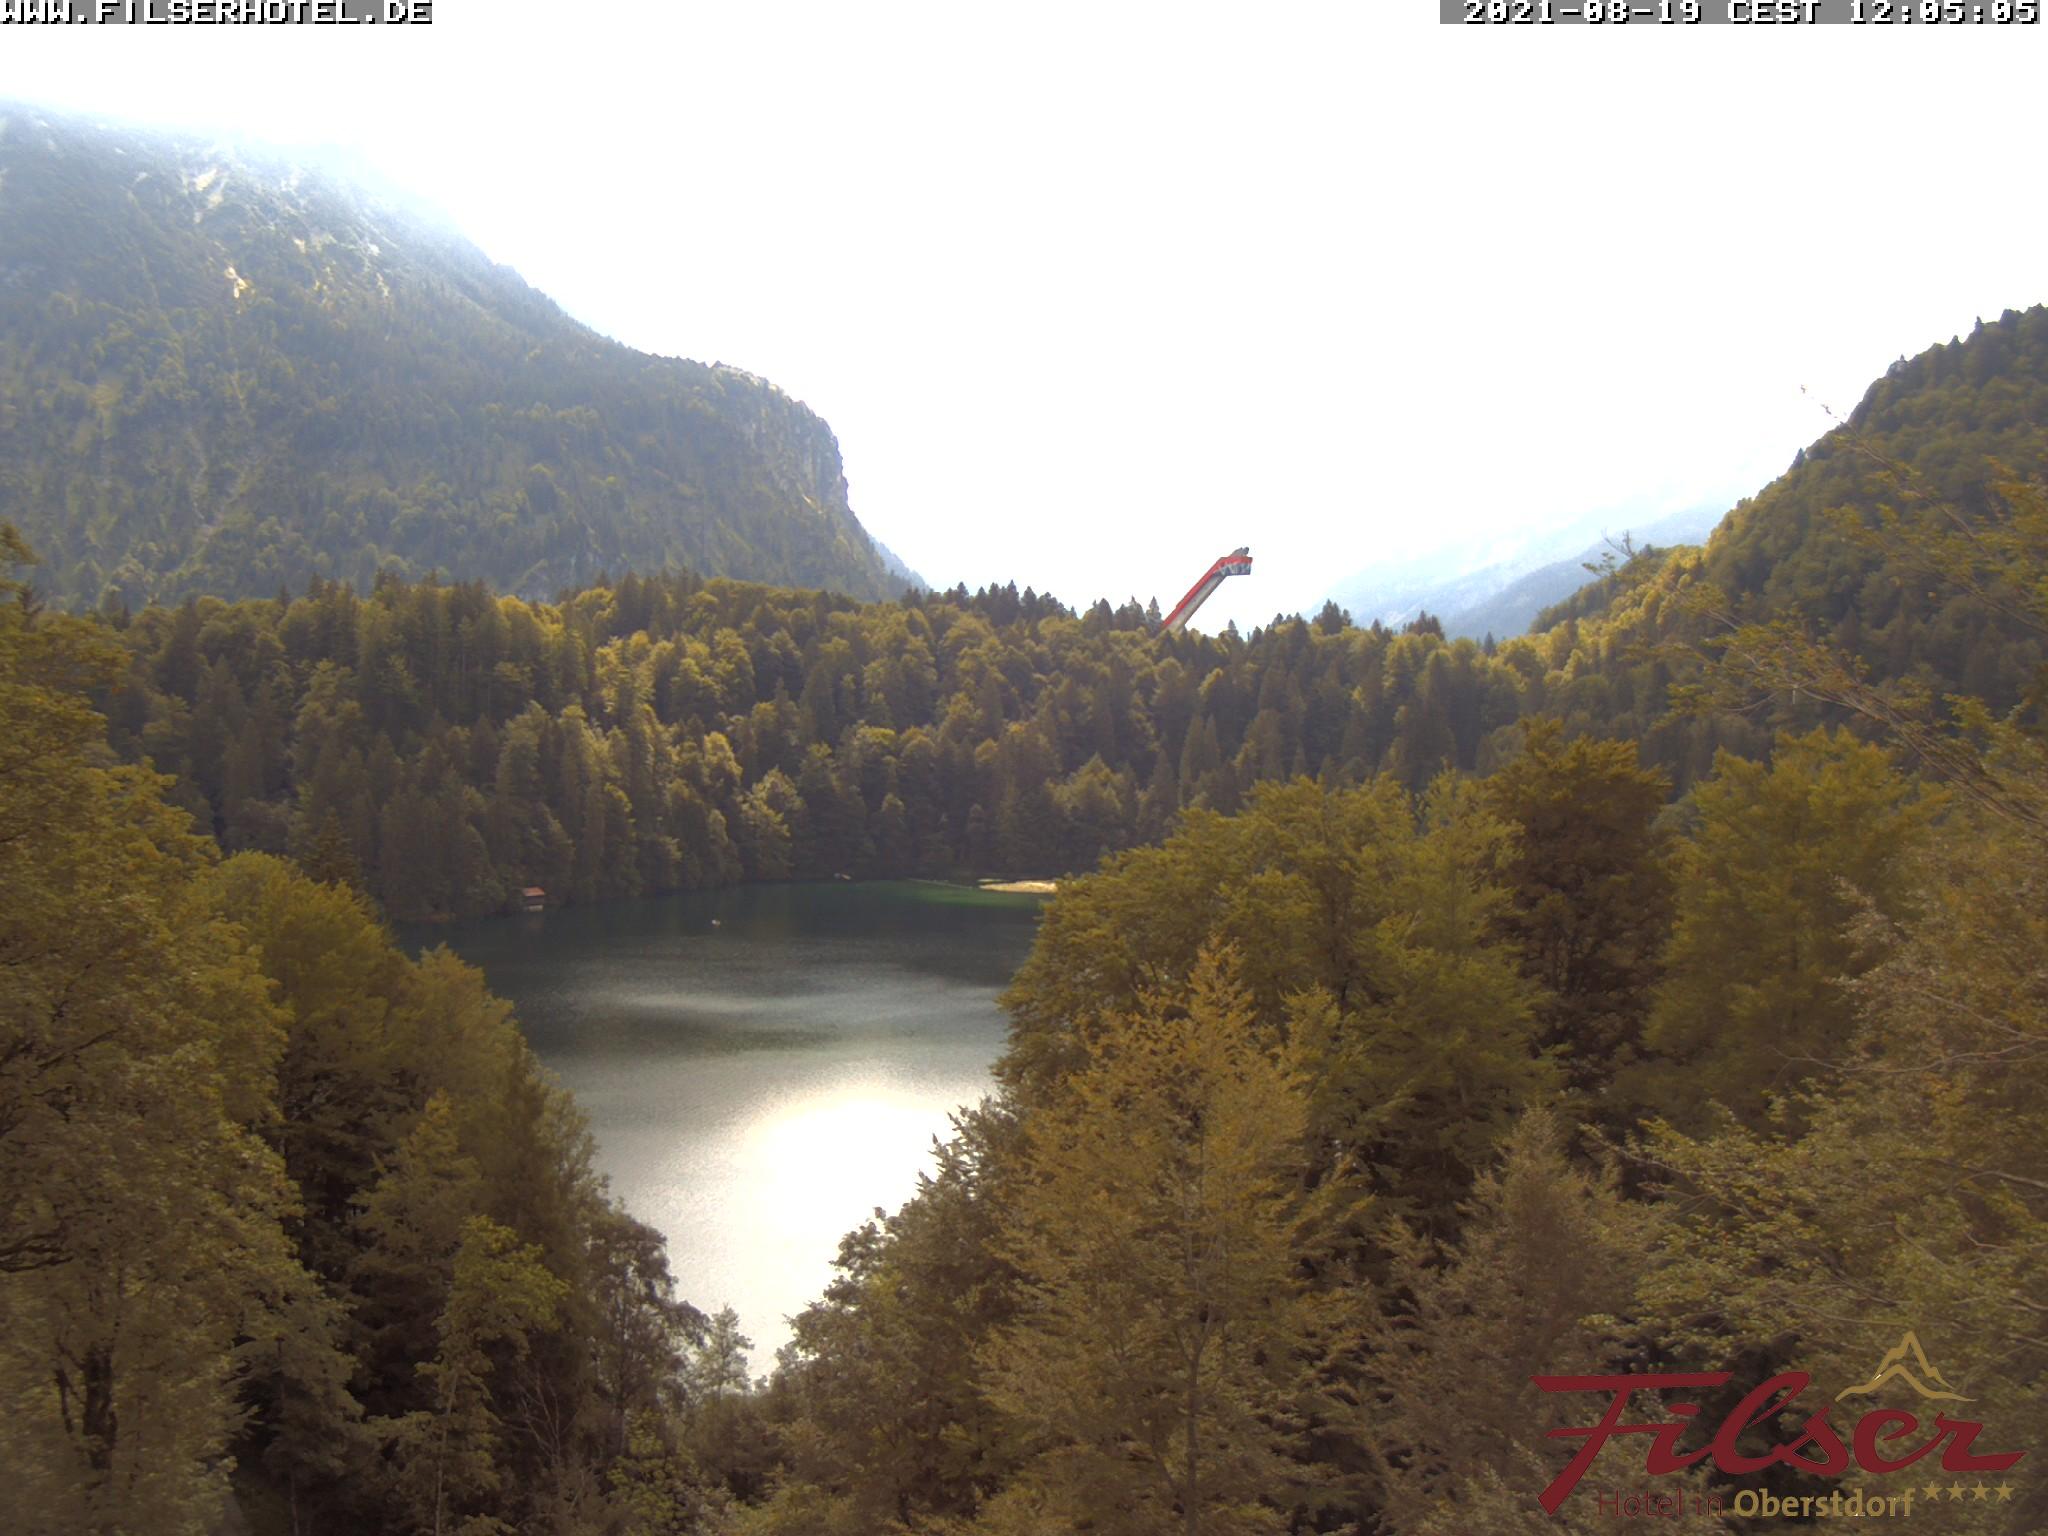 Webcam Allgäu - Oberstdorf - Die Webcam zeigt den Blick in Richung Süden auf den Freibergsee vom Filser Schlößle.